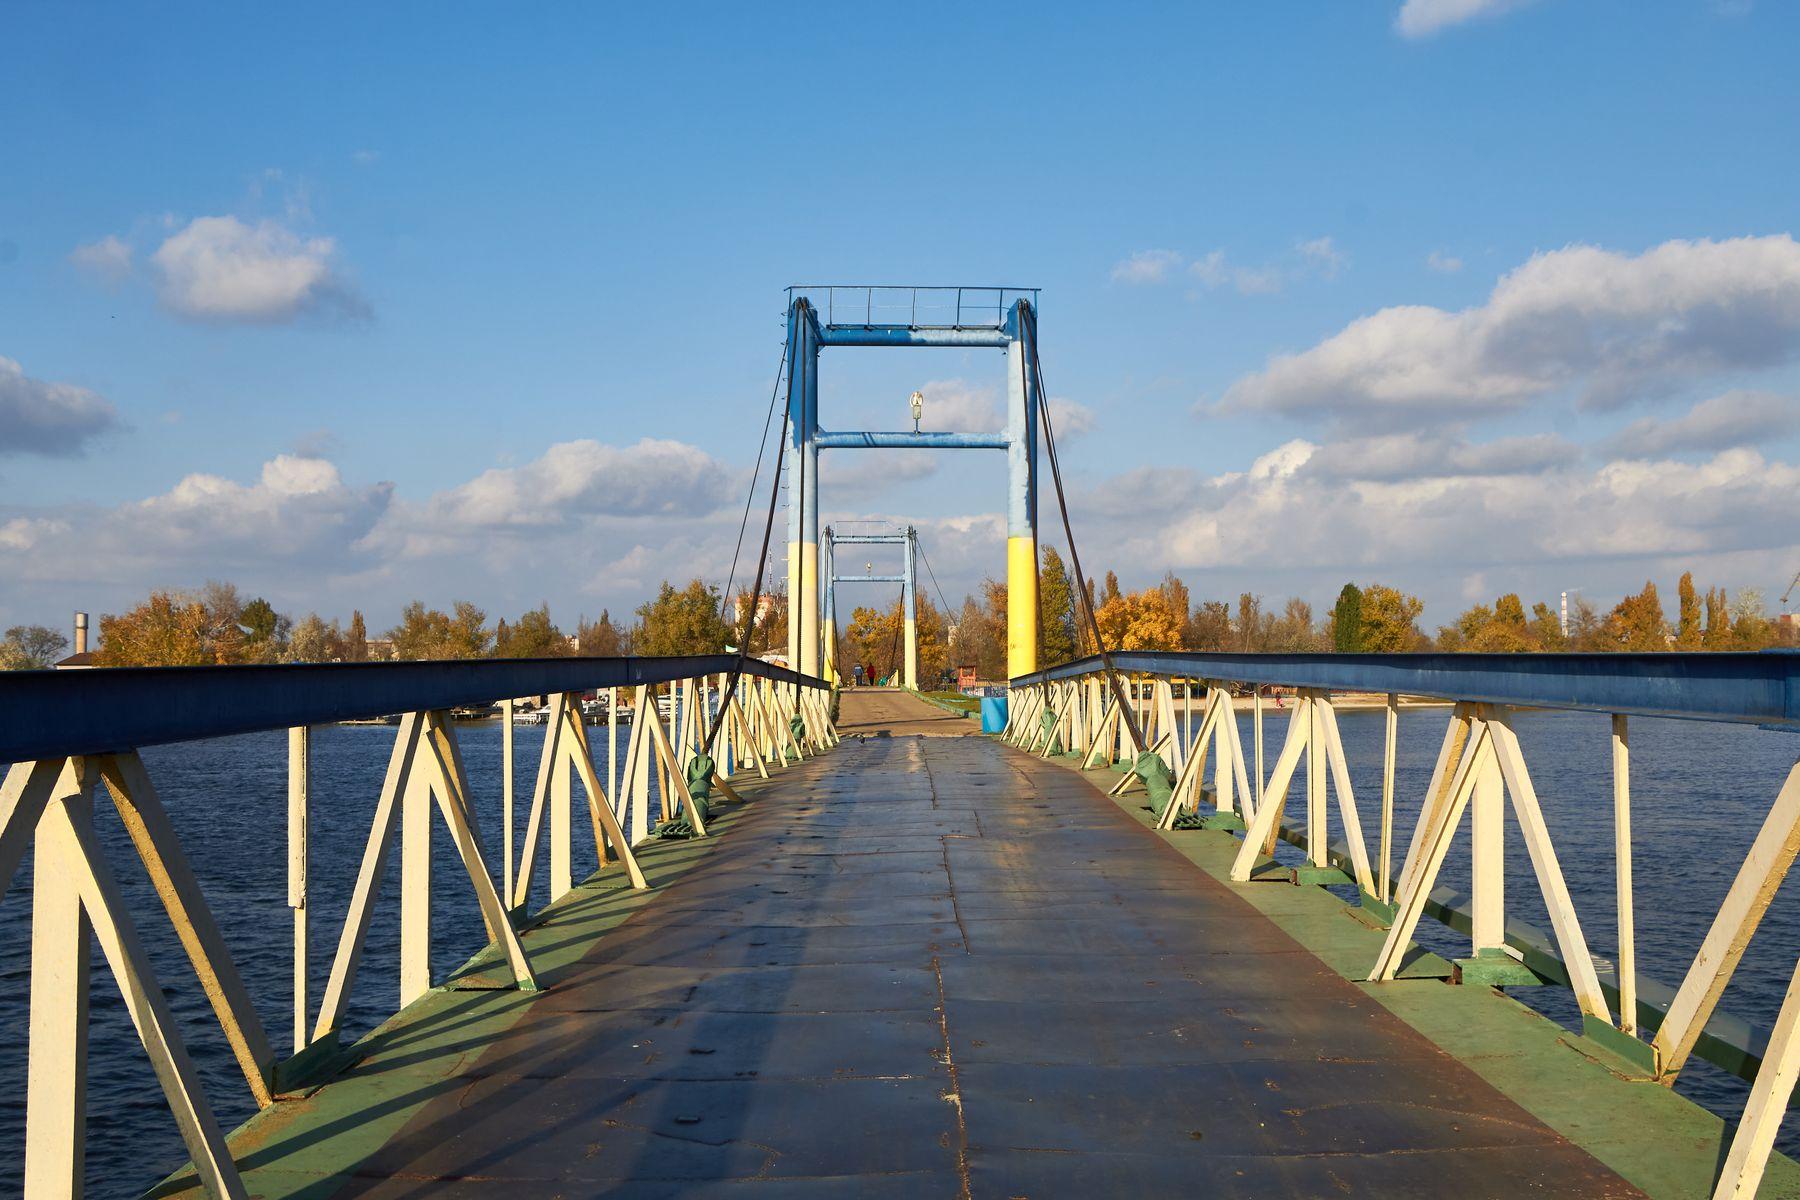 Пешеходный мост в гидропарке в Херсоне мостик река природа вода пейзаж днепр херсон гидропарк осень